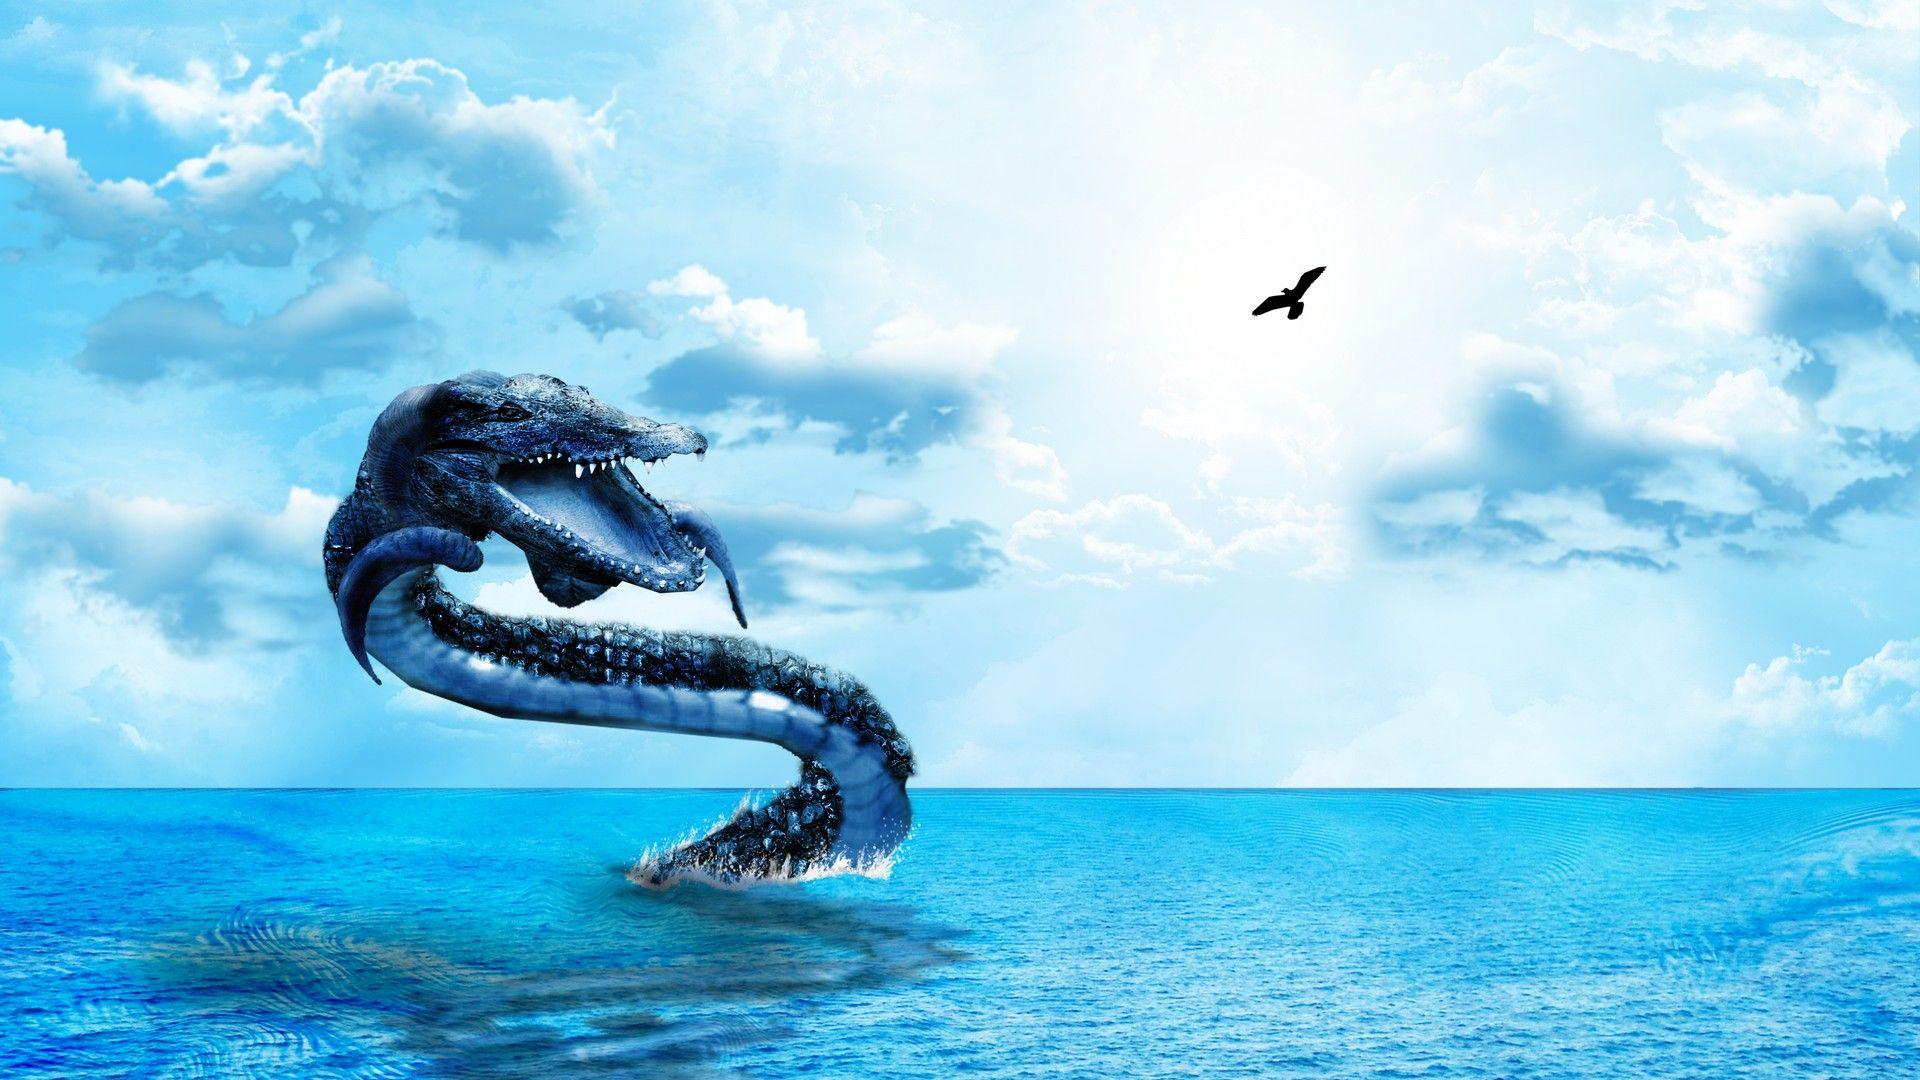 нестеров картинки морской змей вот подборка